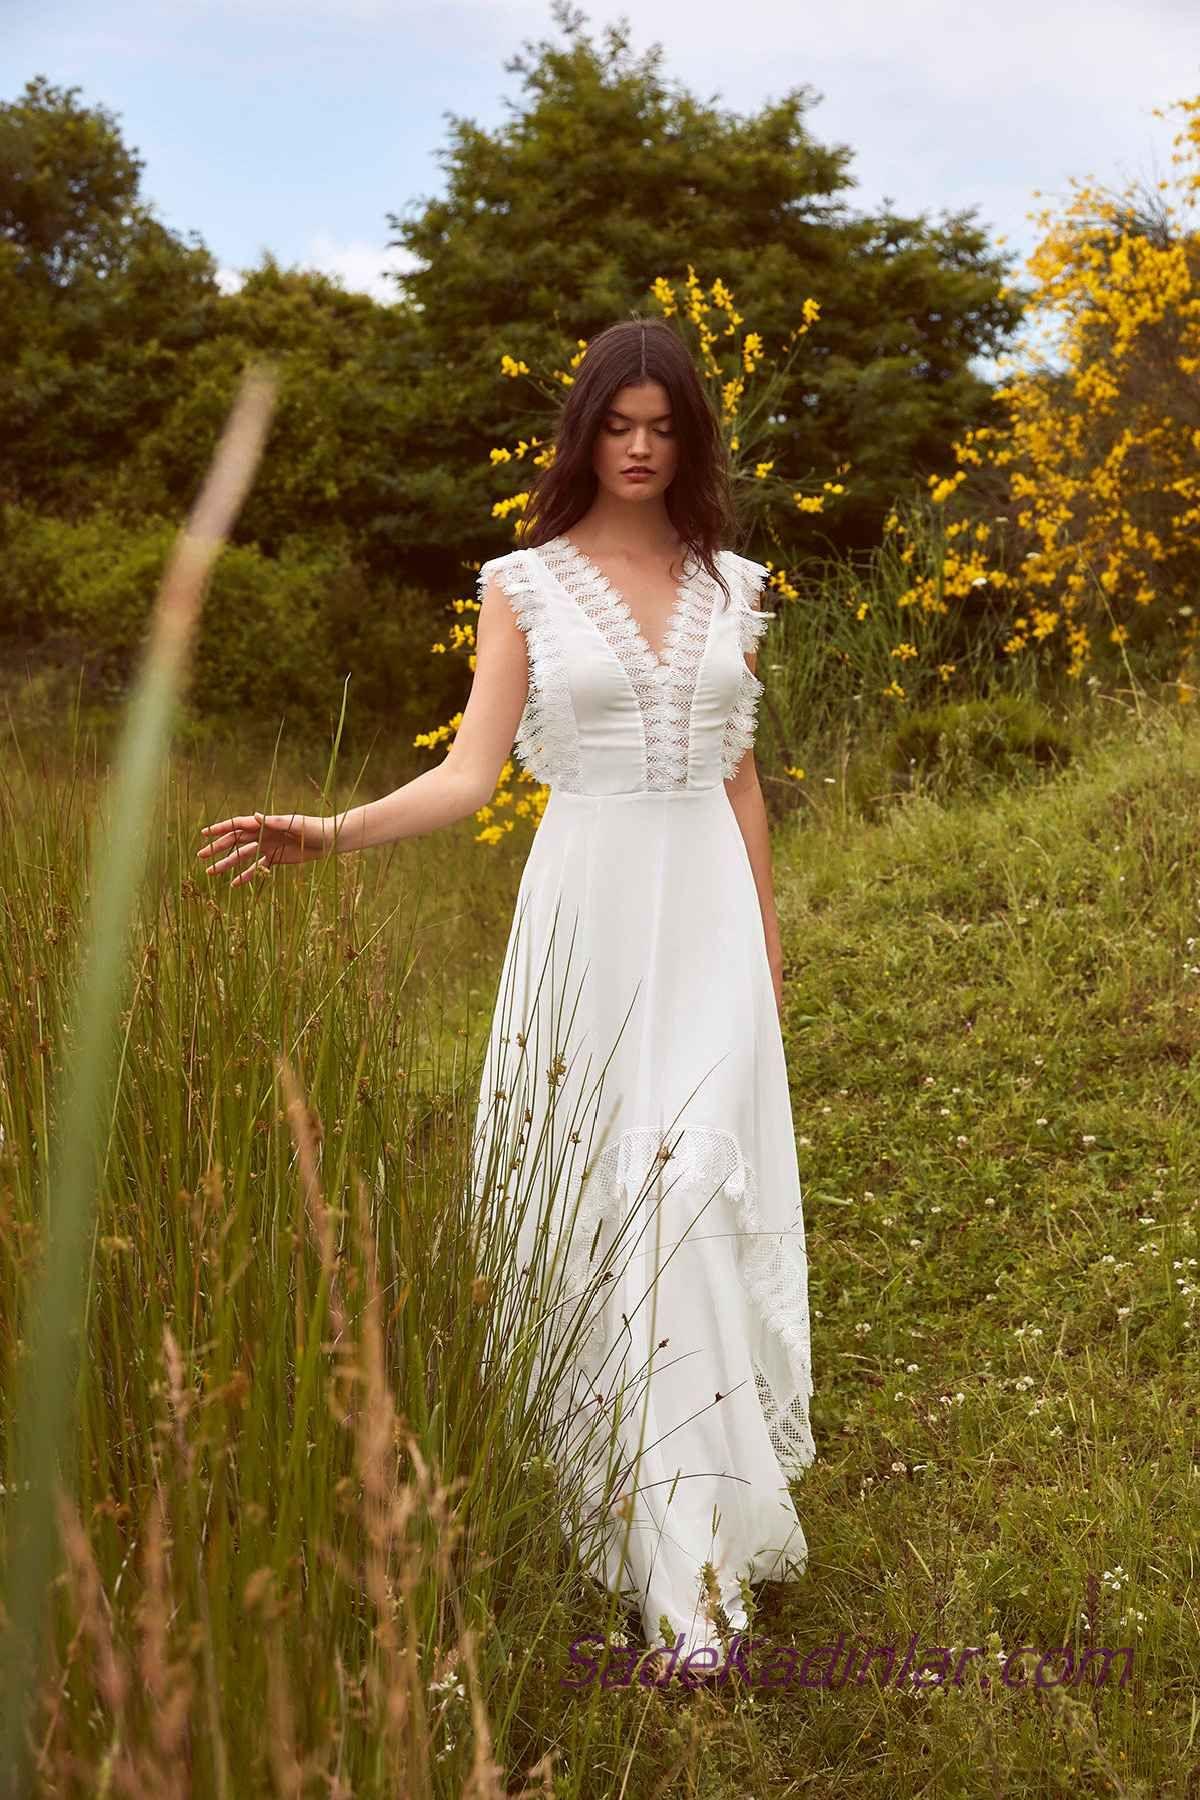 En Guzel 2020 Beyaz Elbise Modelleri Uzun V Yakali Gupur Dantel Detayli Elbise Modelleri Elbise The Dress